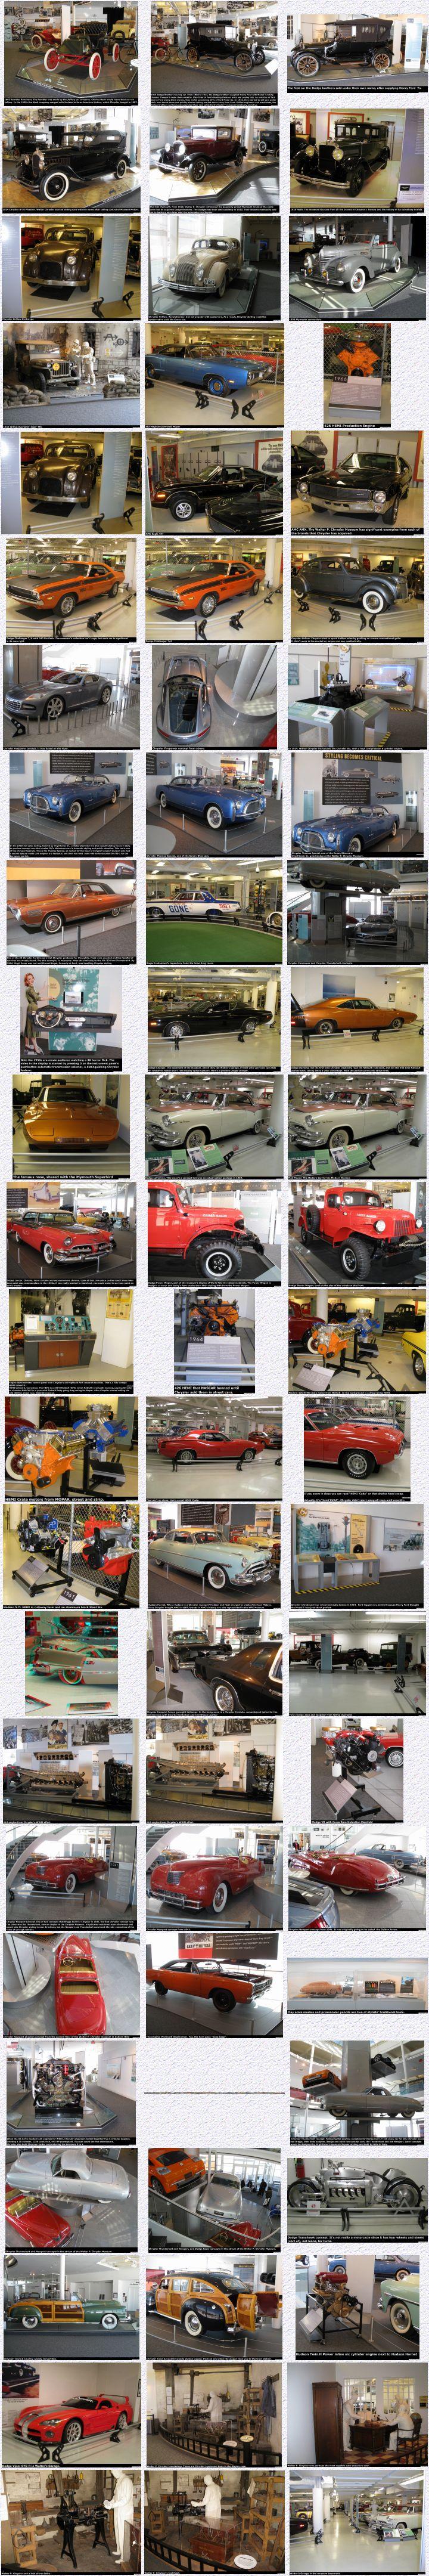 American Motors,